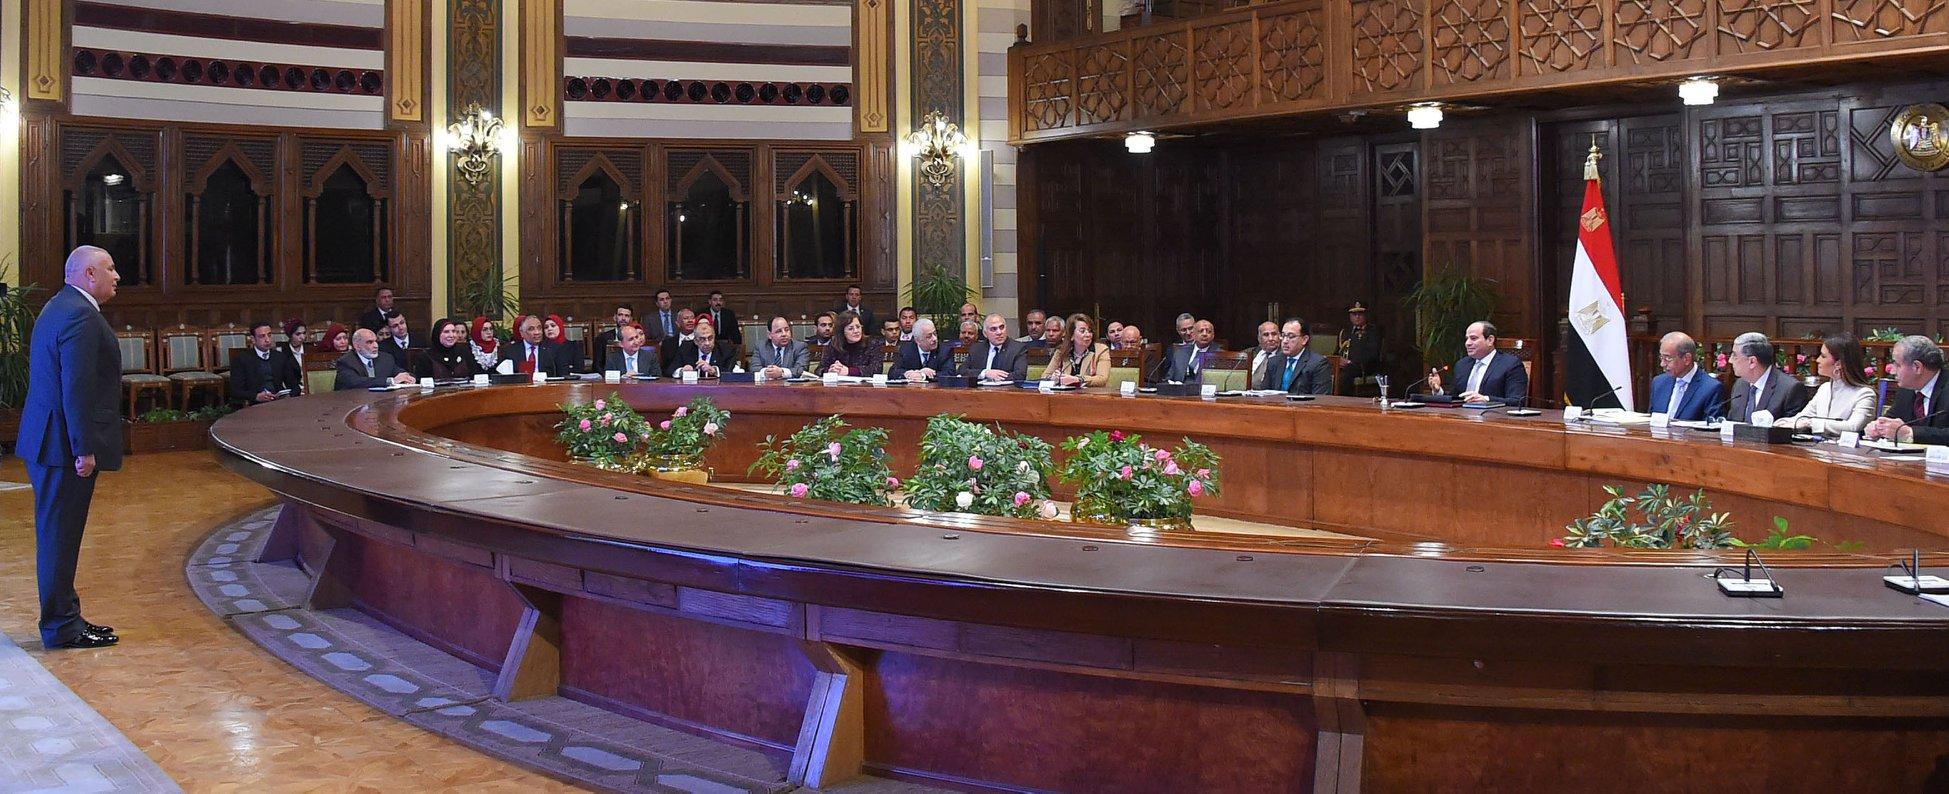 الرئيس السيسي: الوادي الجديد محافظة واعدة بفرص الاستثمار المتنوعة -          بوابة الشروق